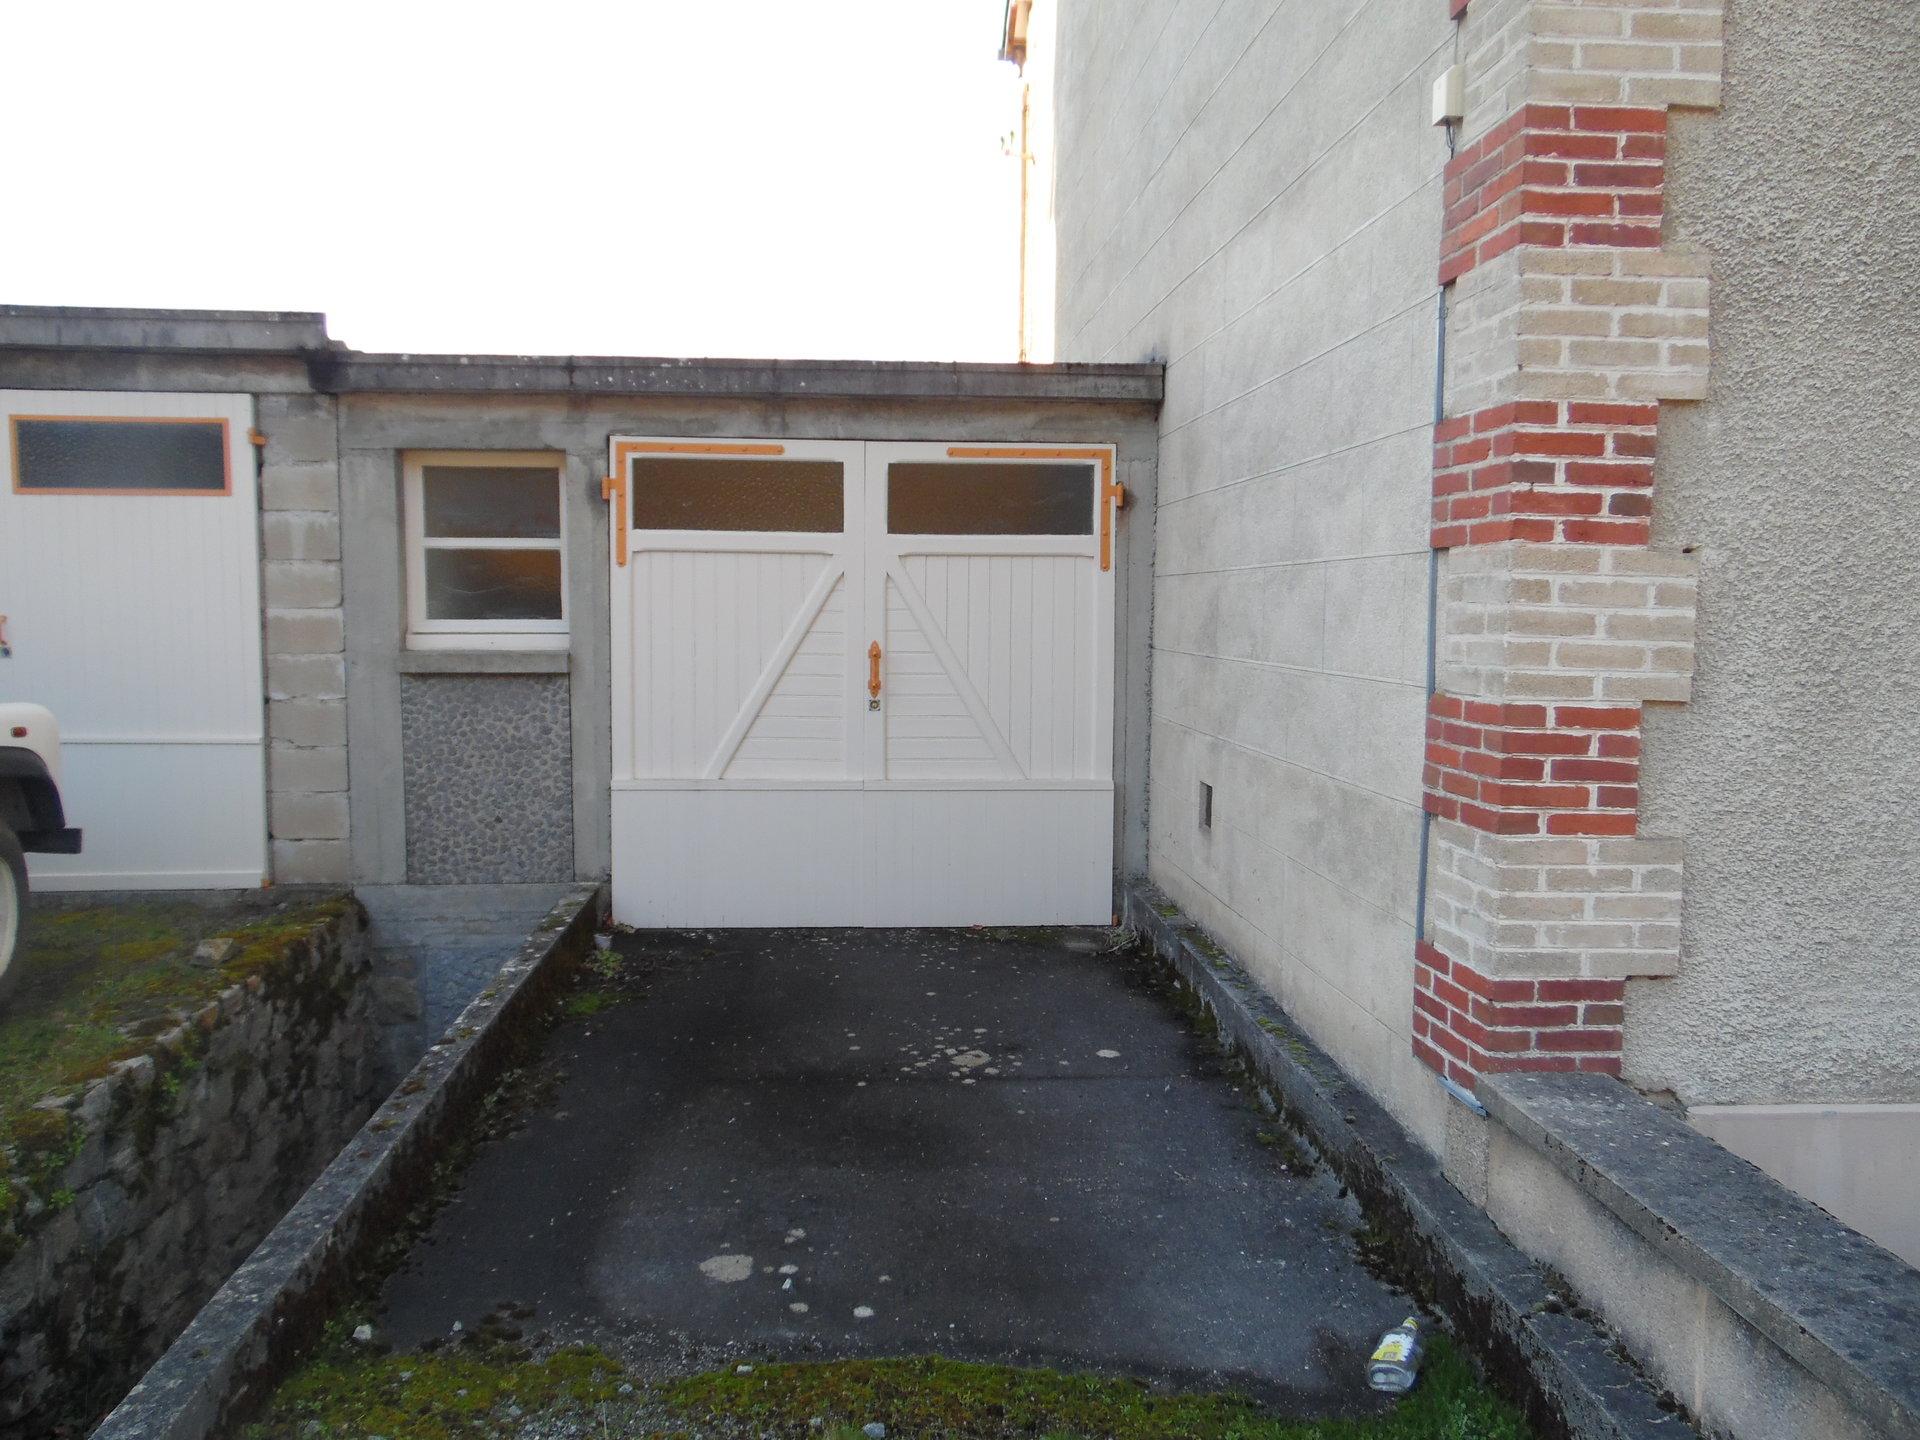 A vendre en Creuse, maison spacieuse, appartement et jardin.